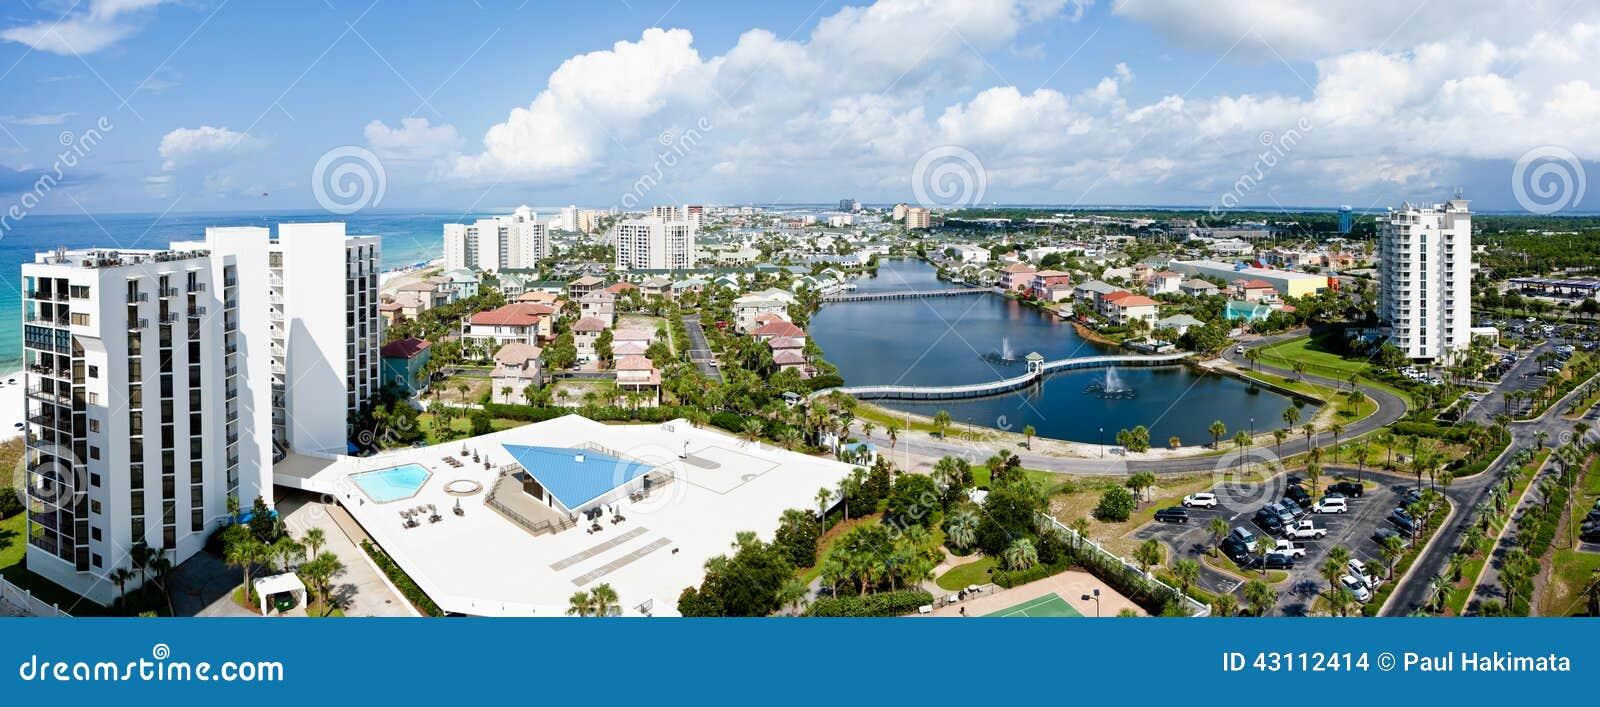 Costa da esmeralda de Destin Florida